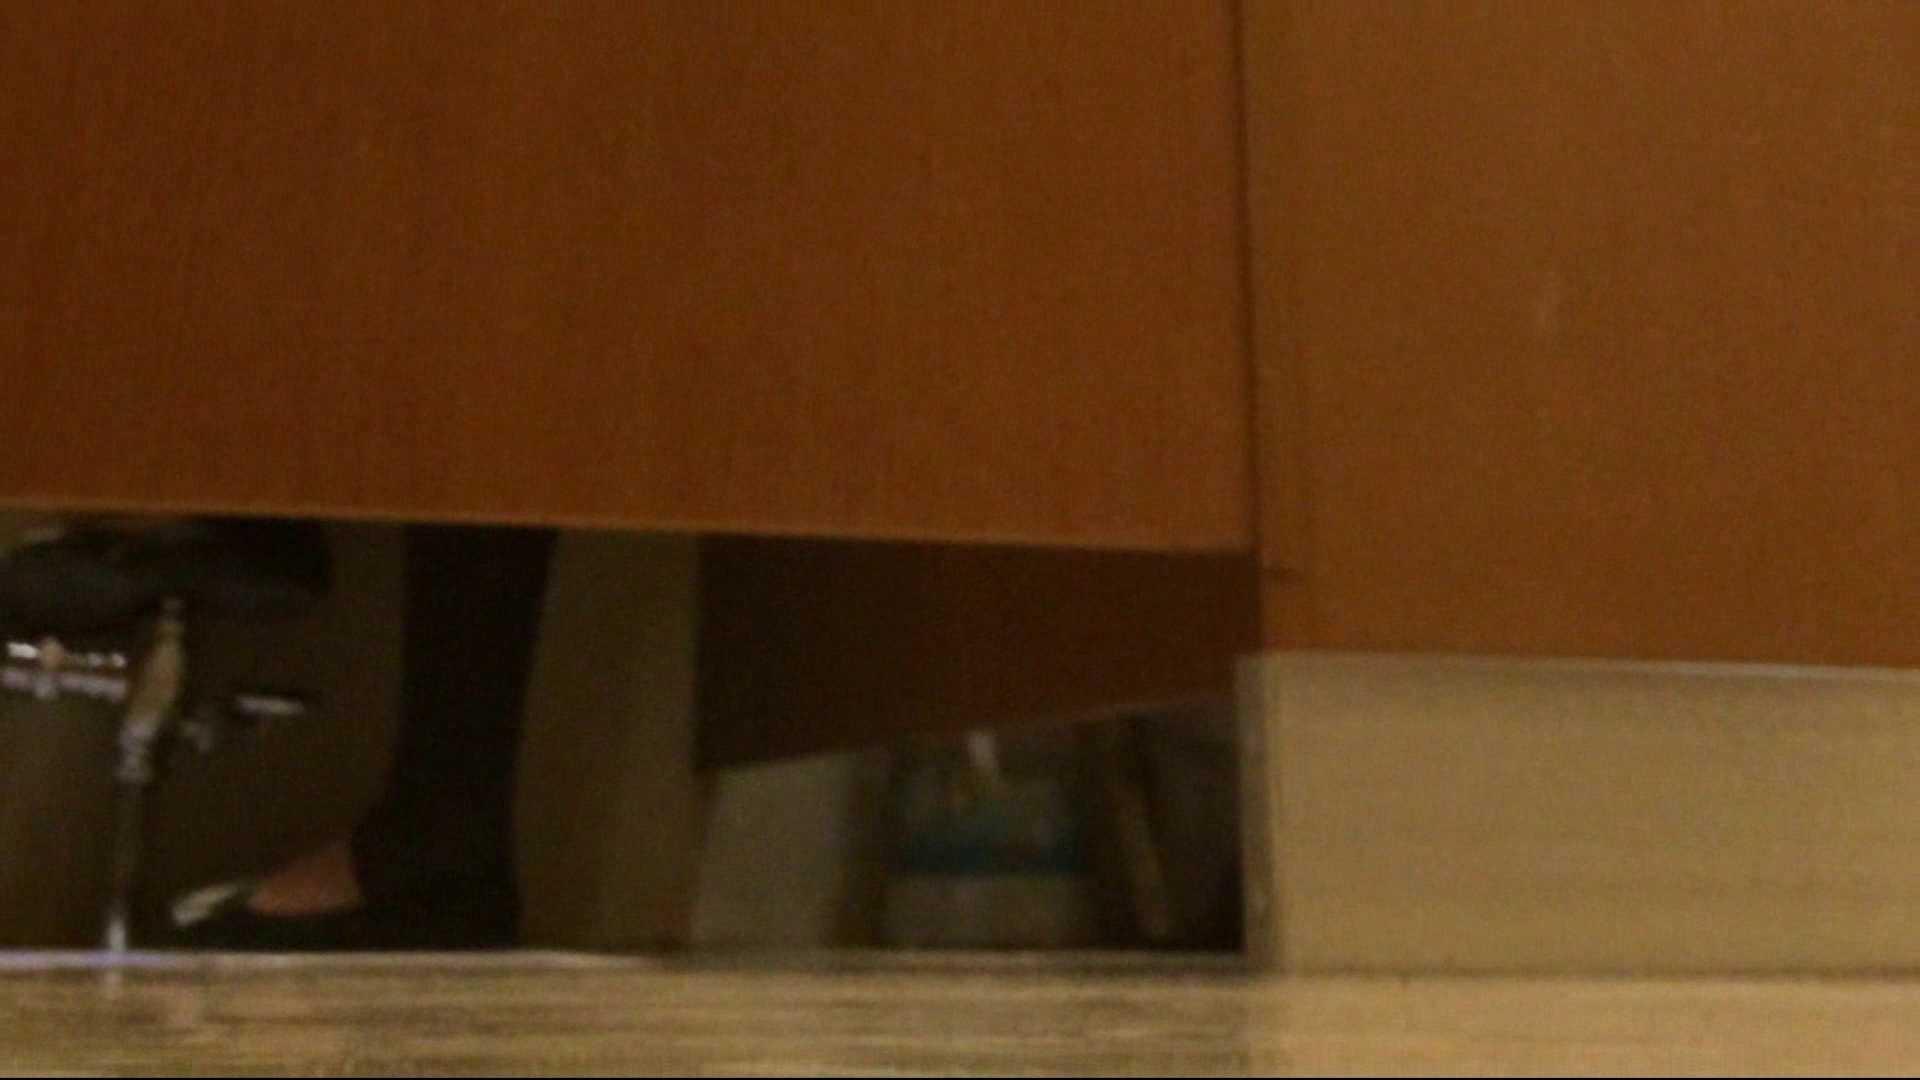 「噂」の国の厠観察日記2 Vol.03 人気シリーズ すけべAV動画紹介 77枚 23